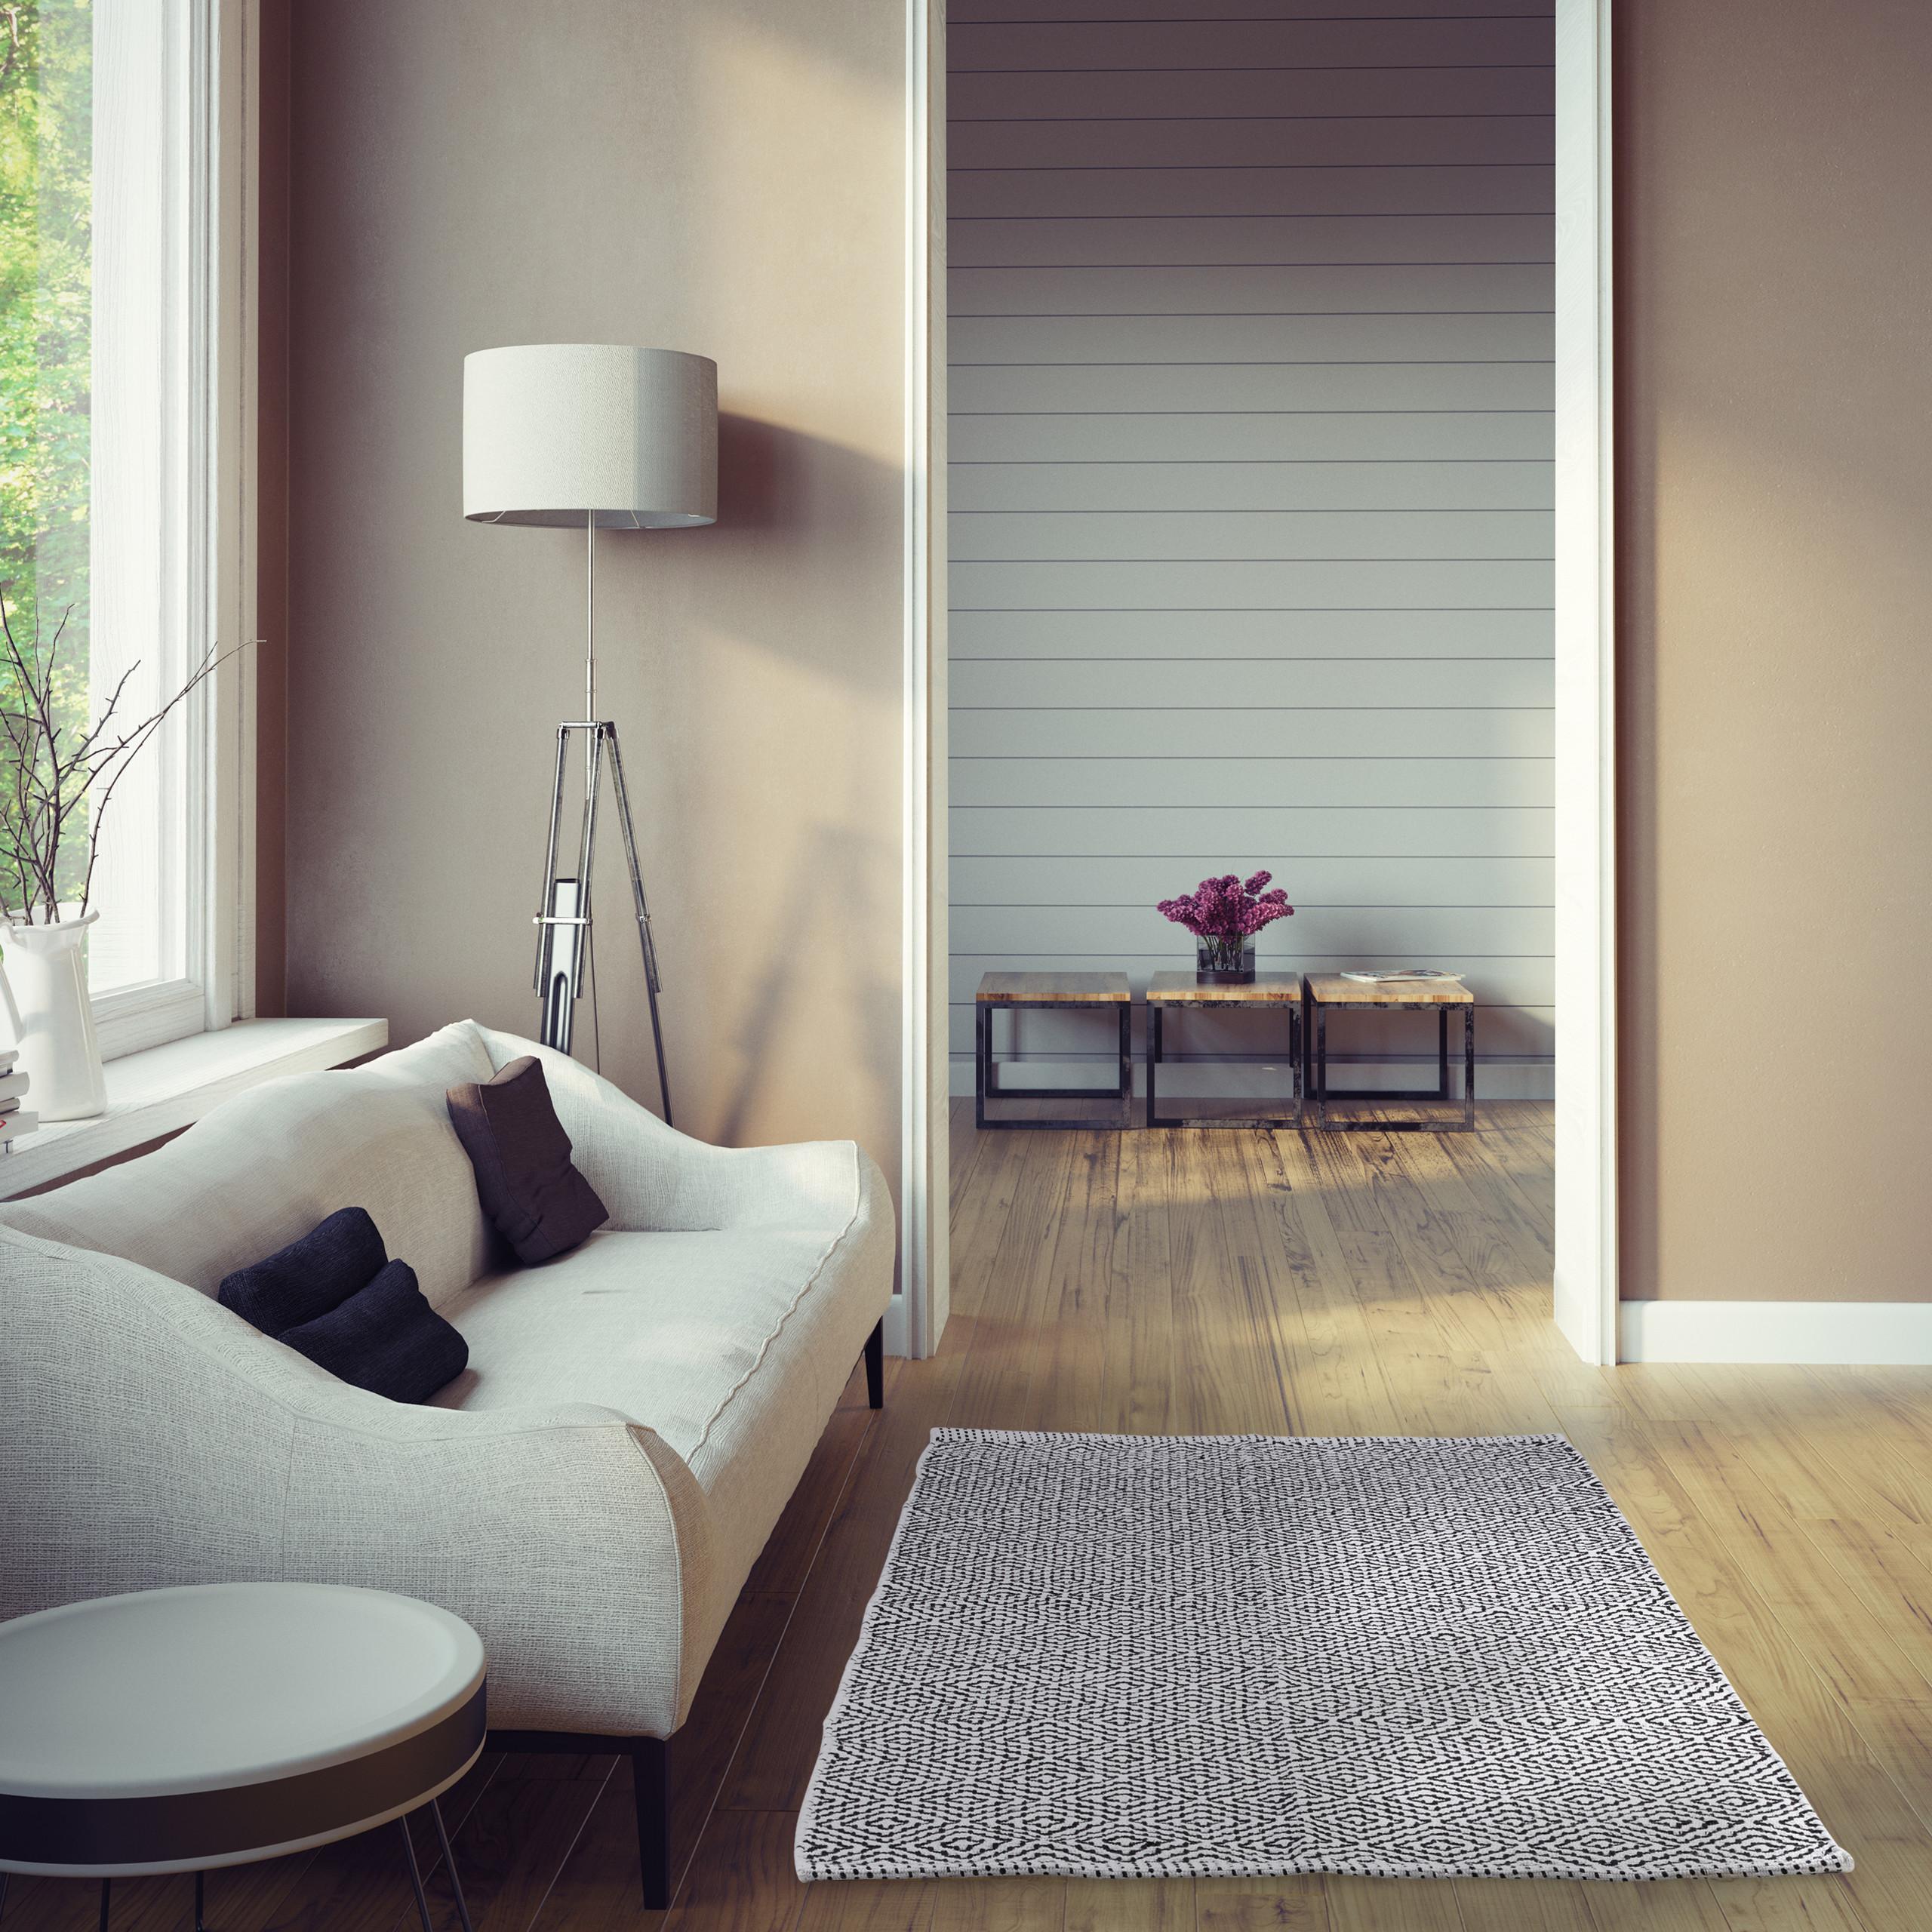 Tappeto passatoia per corridoio soggiorno cotone bianco-nero | eBay